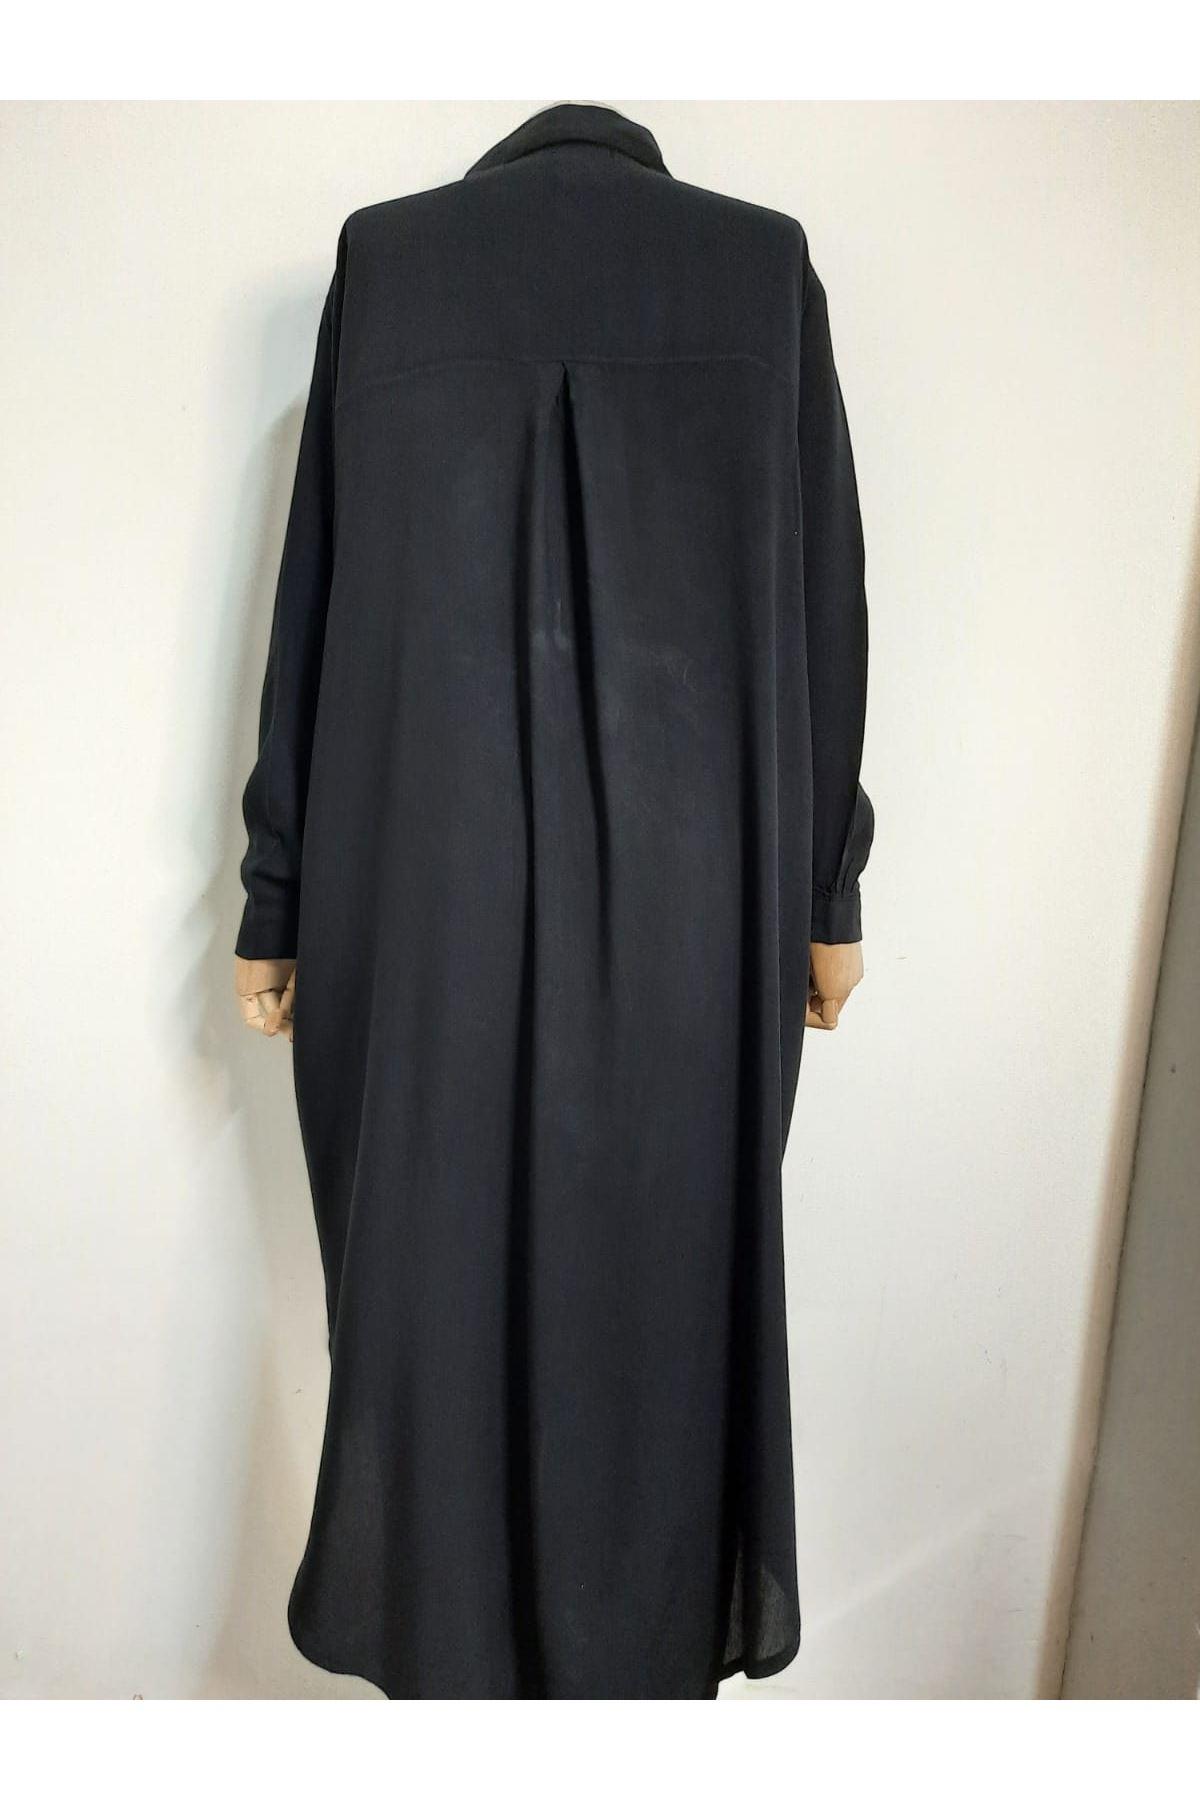 Asimetrik Dokuma Gömlek Elbise - SİYAH